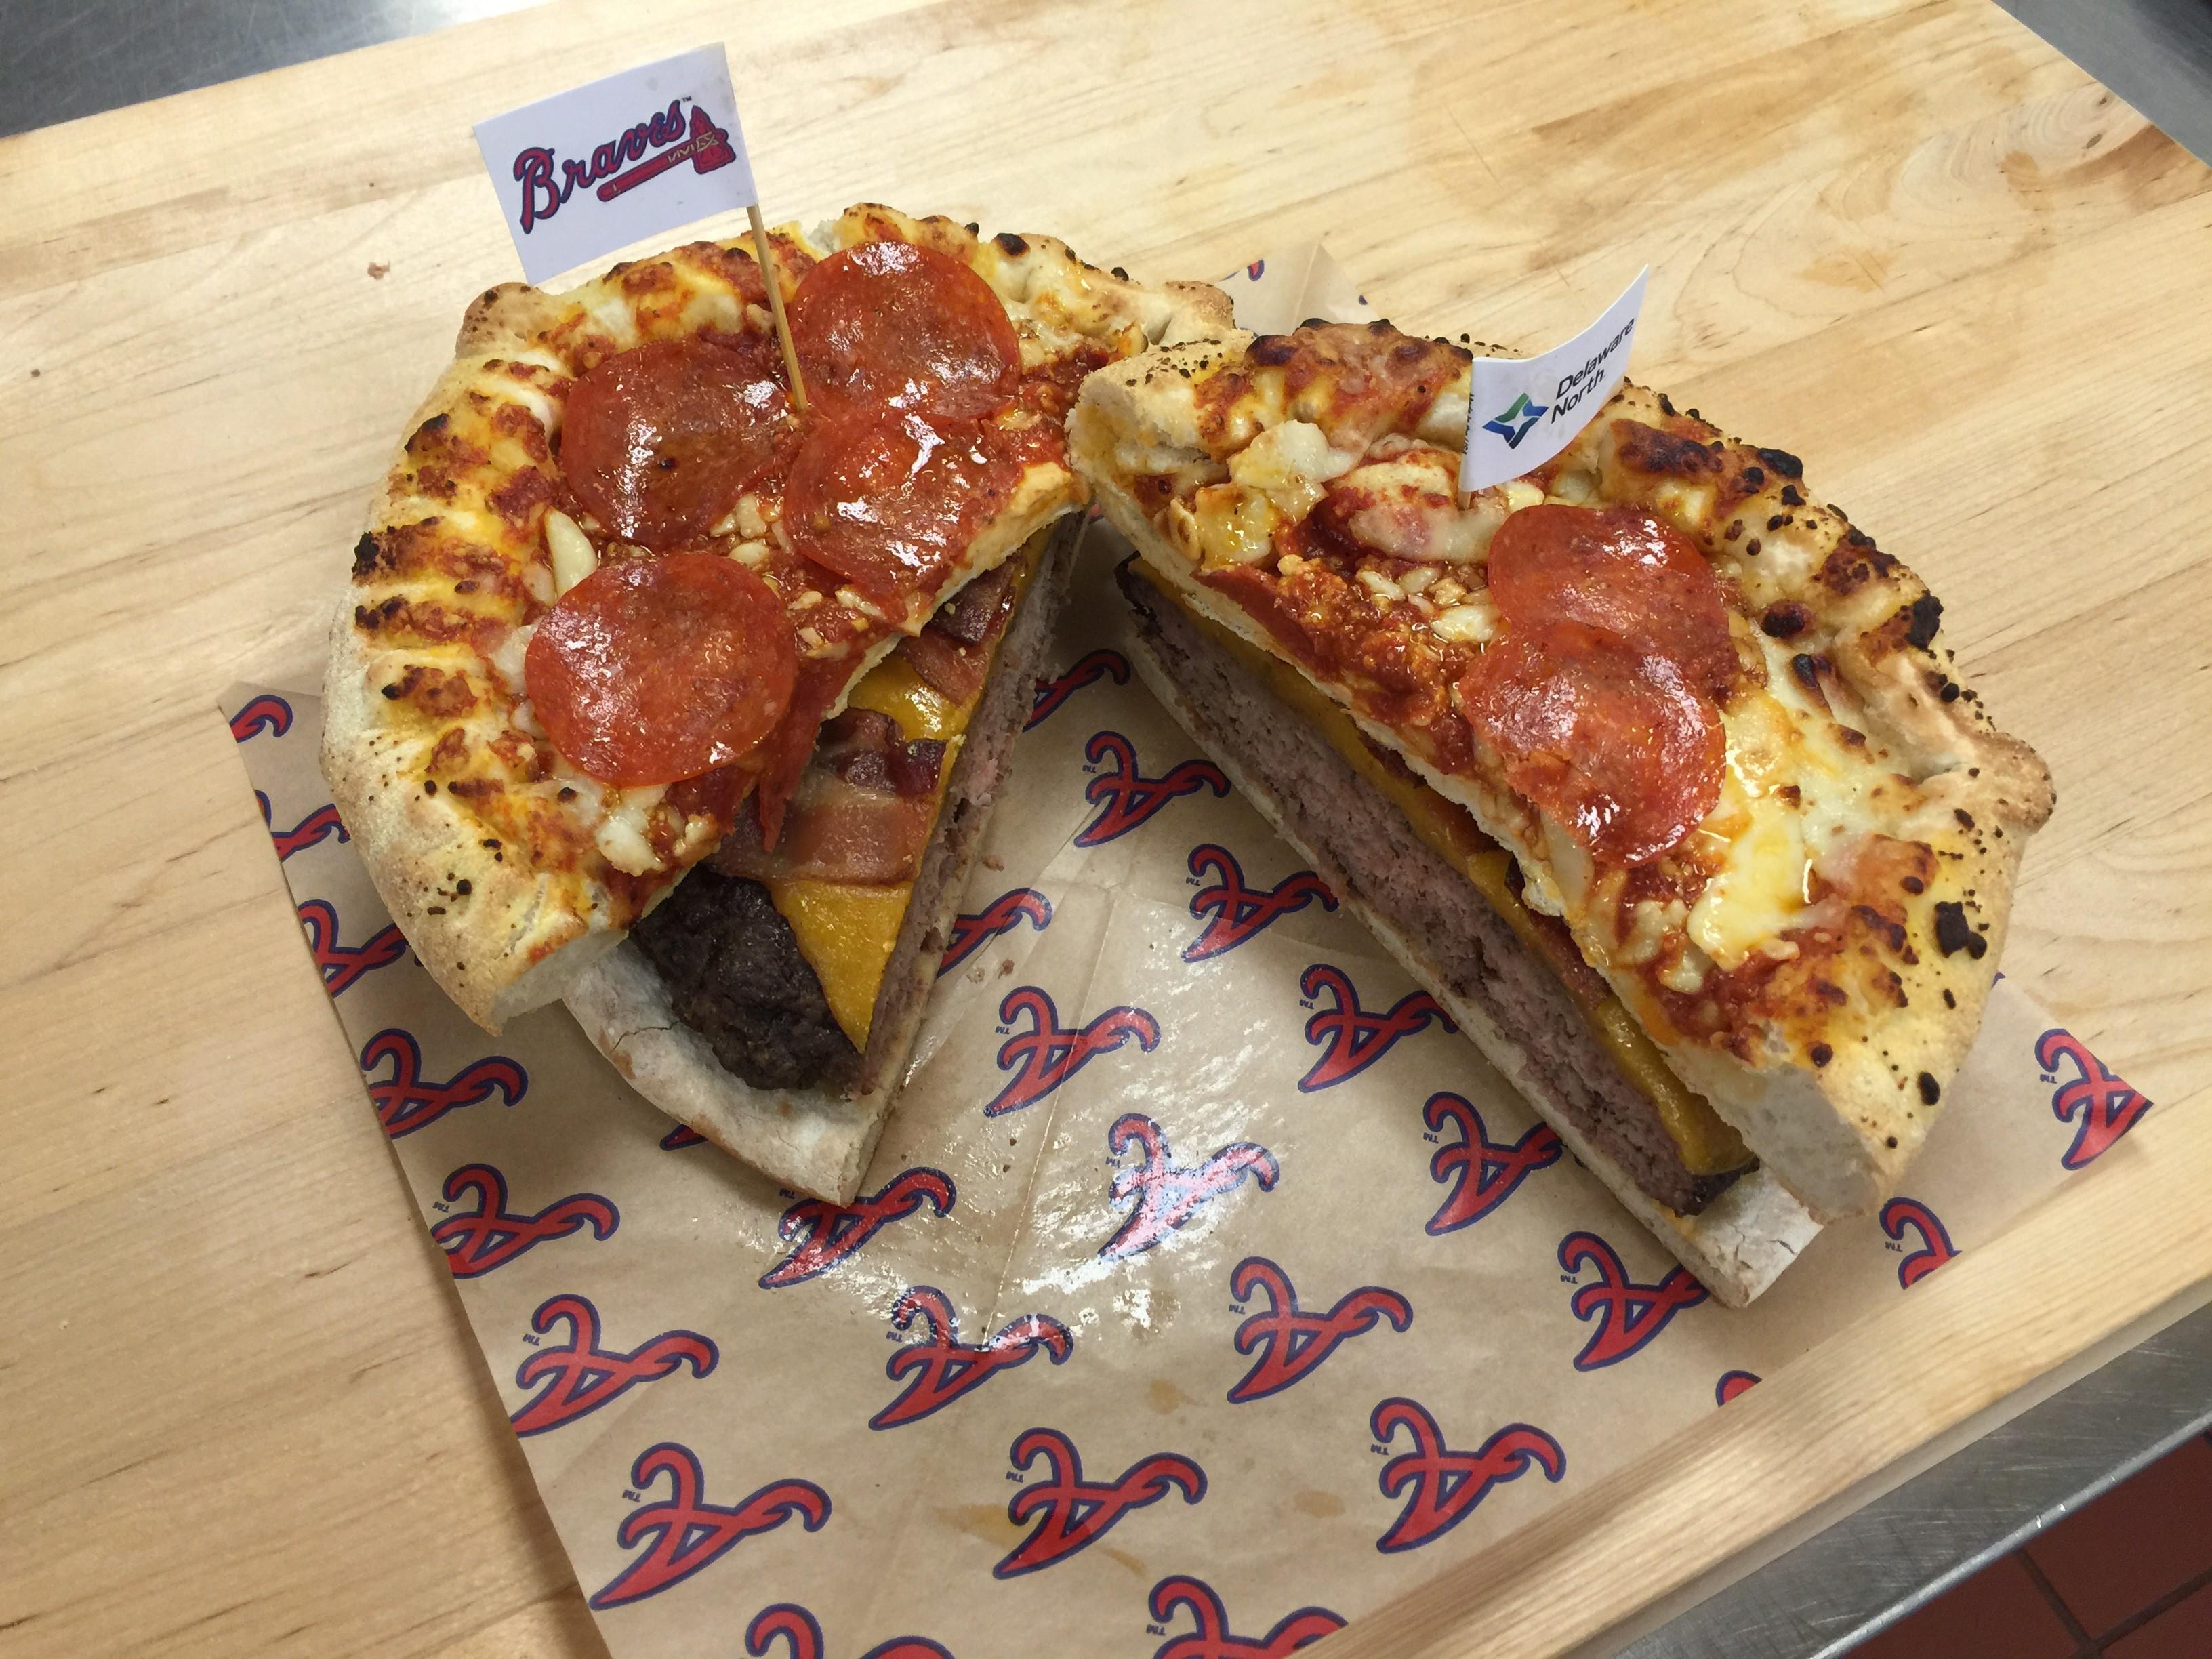 Burgerizza